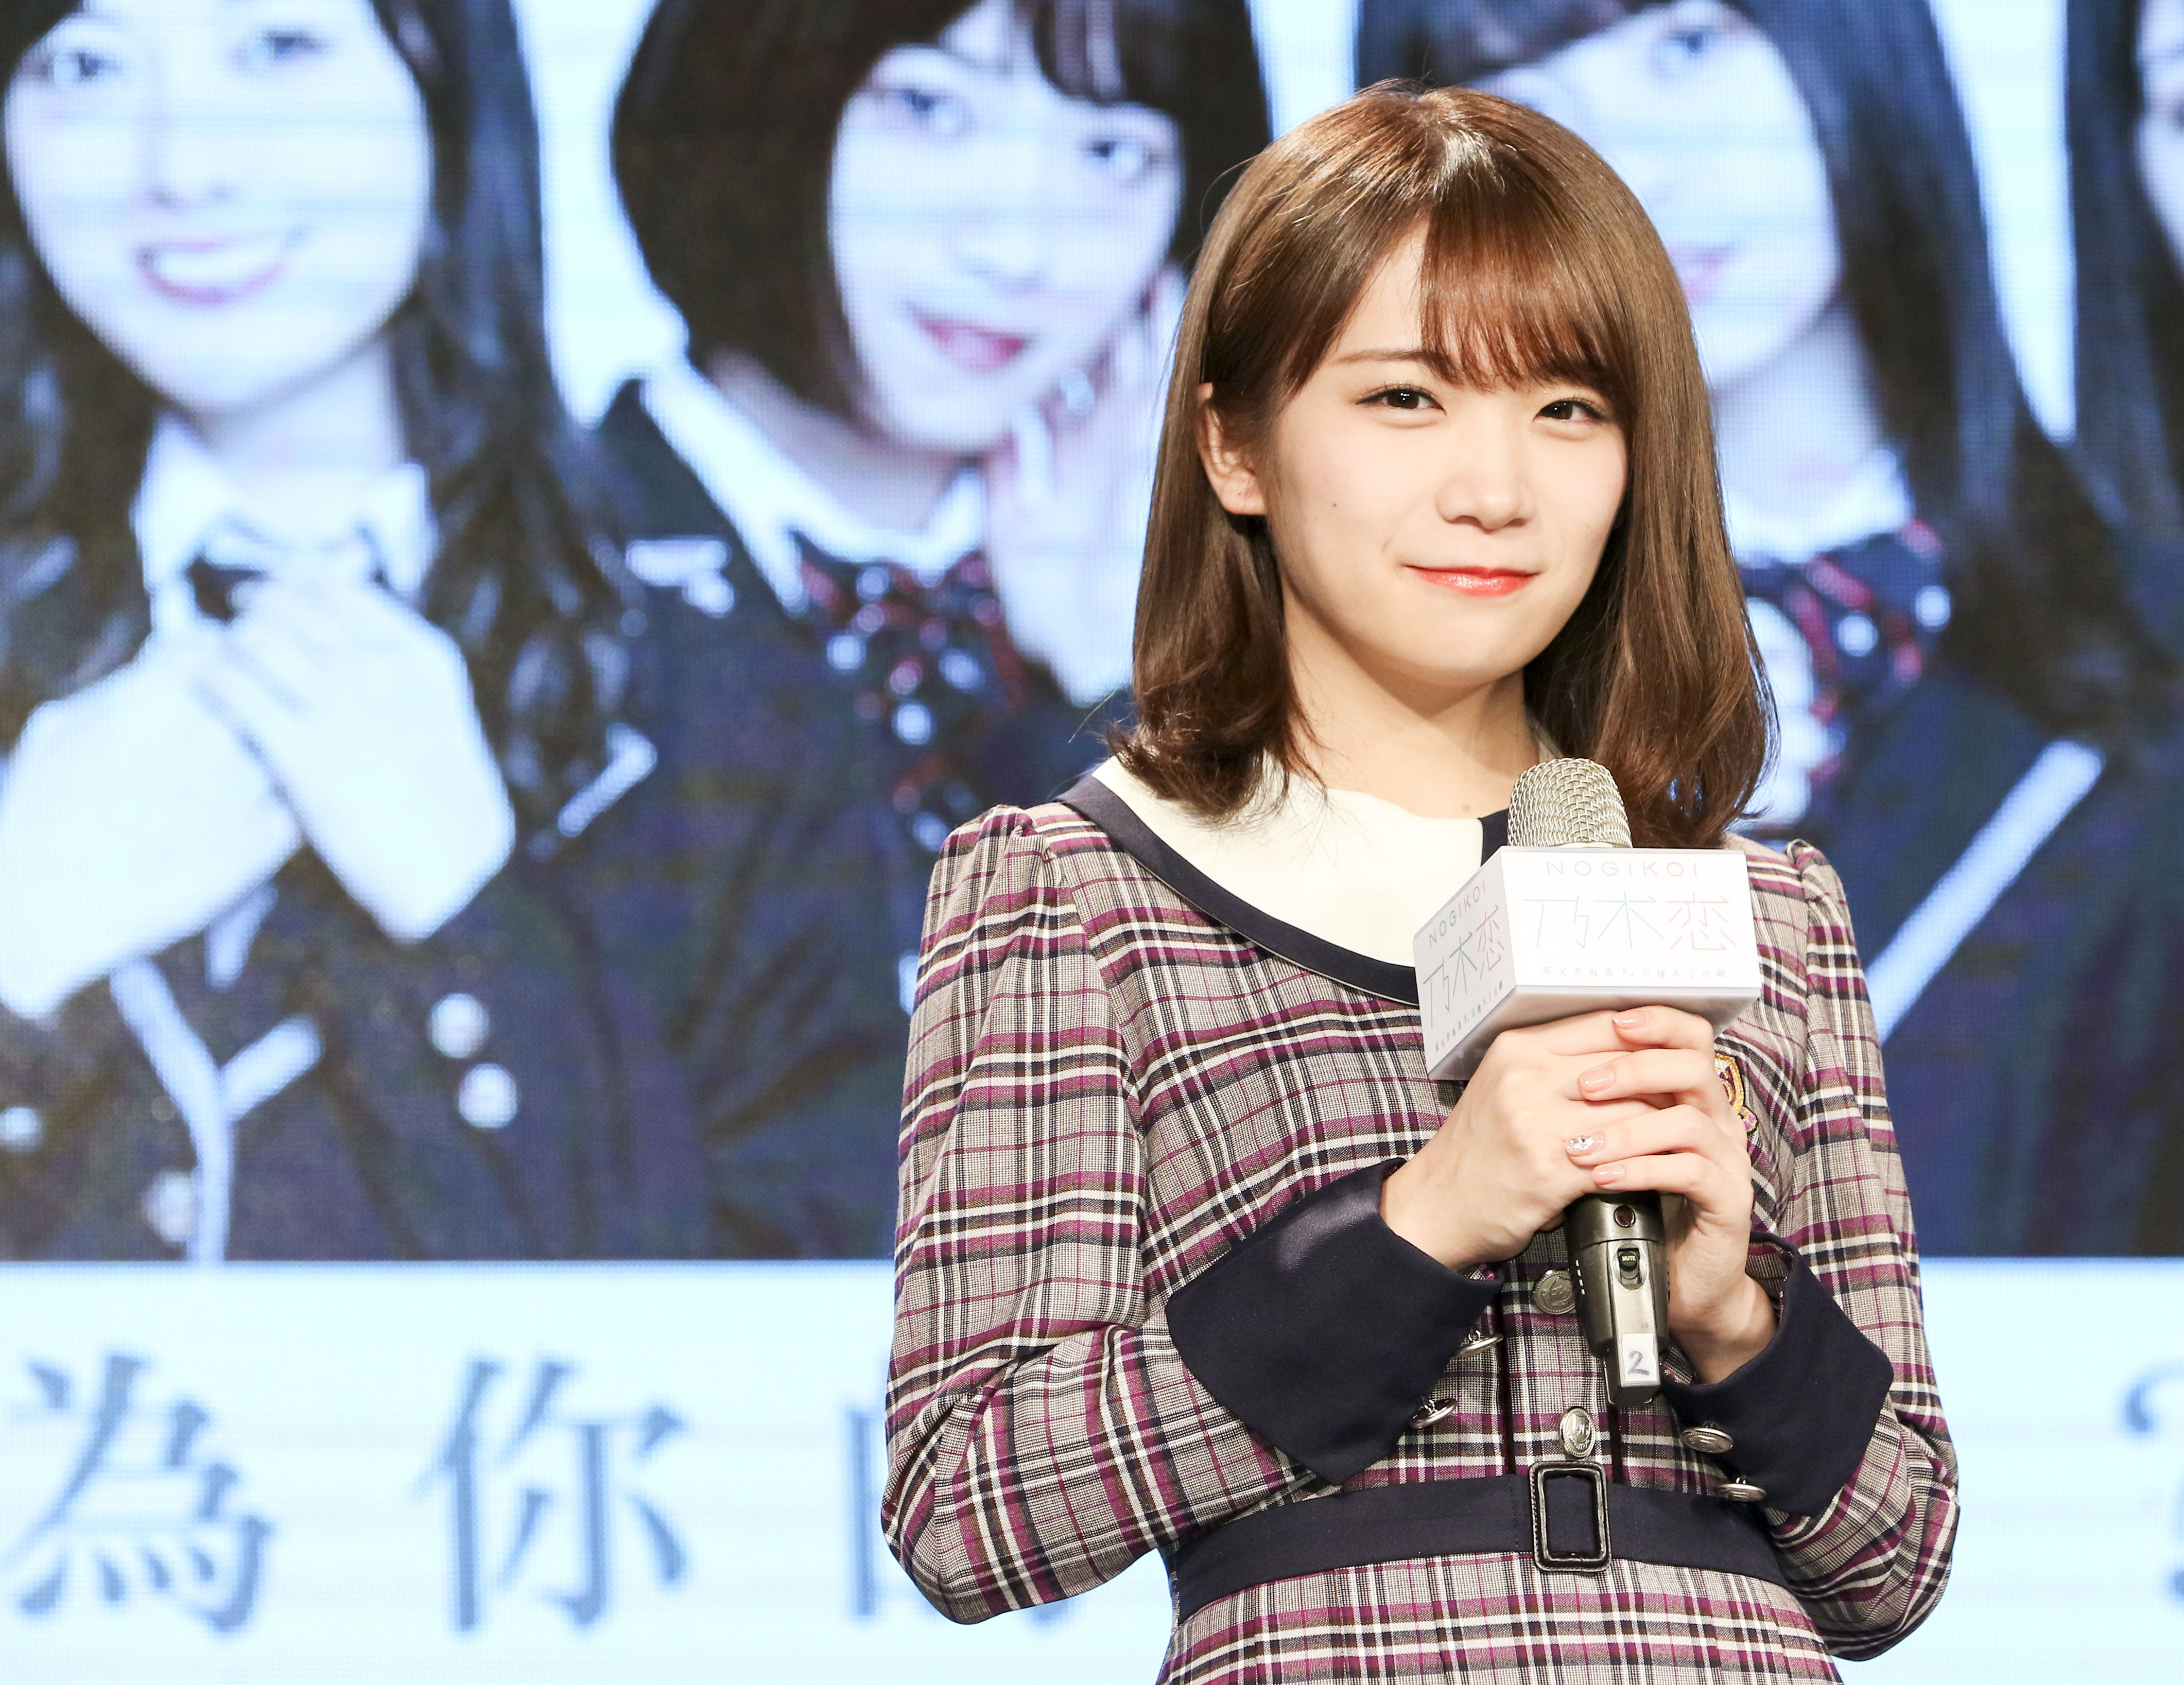 日本女團「乃木坂46」成員秋元真夏。(記者林士傑/攝影)